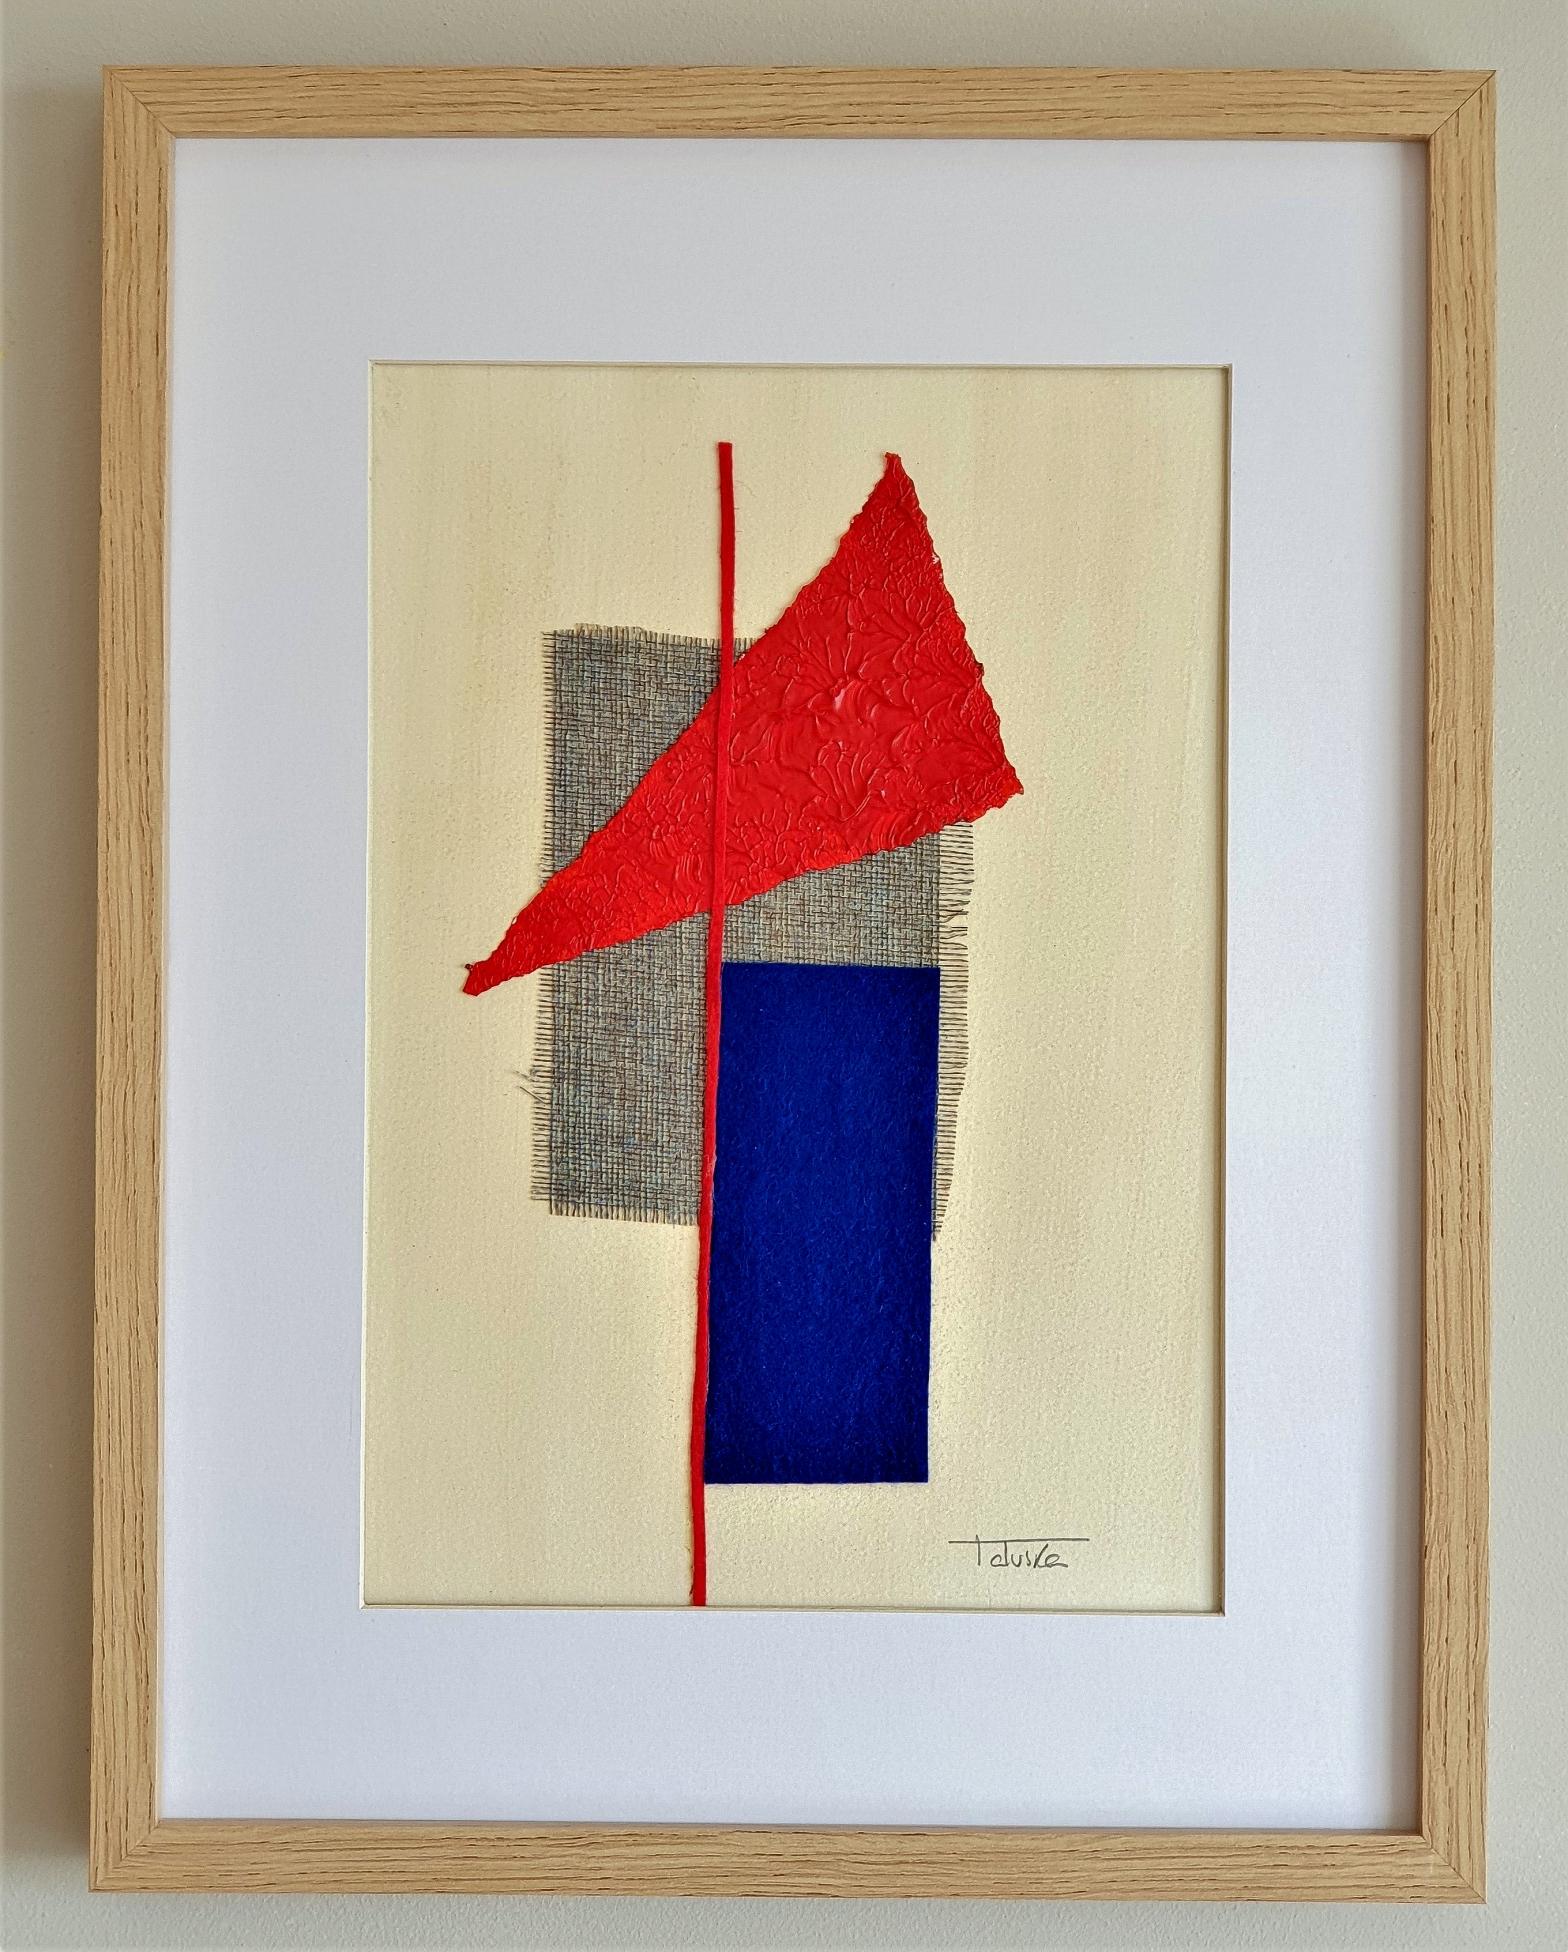 """Cuadro original de arte abstracto contemporáneo titulado """"Target"""", obra de la artista Tatuska"""